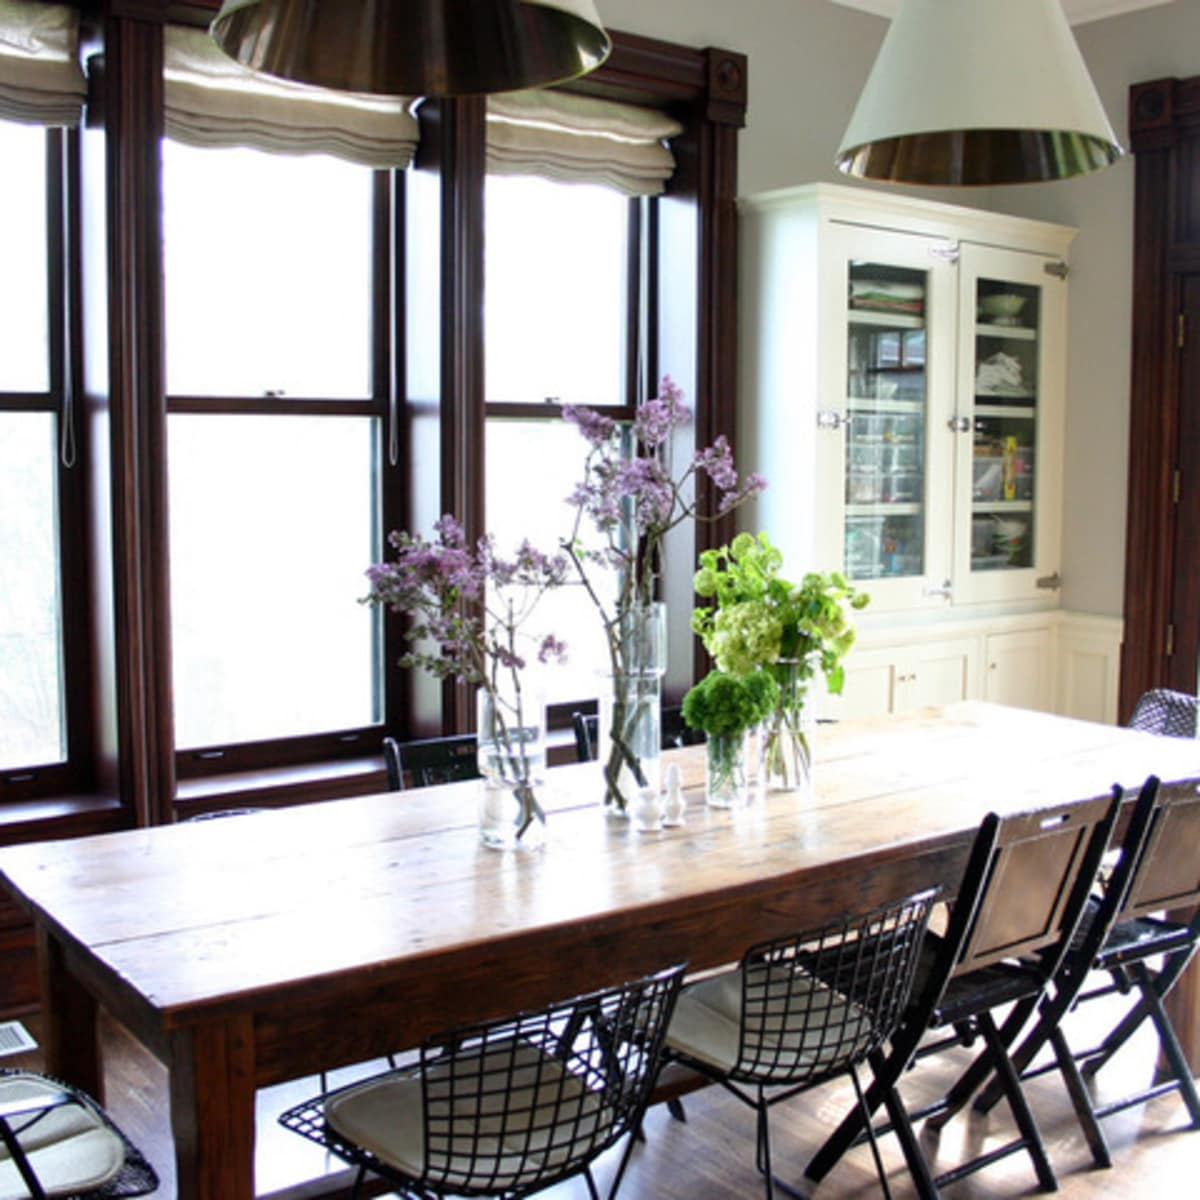 Farmhouse dining table Houzz